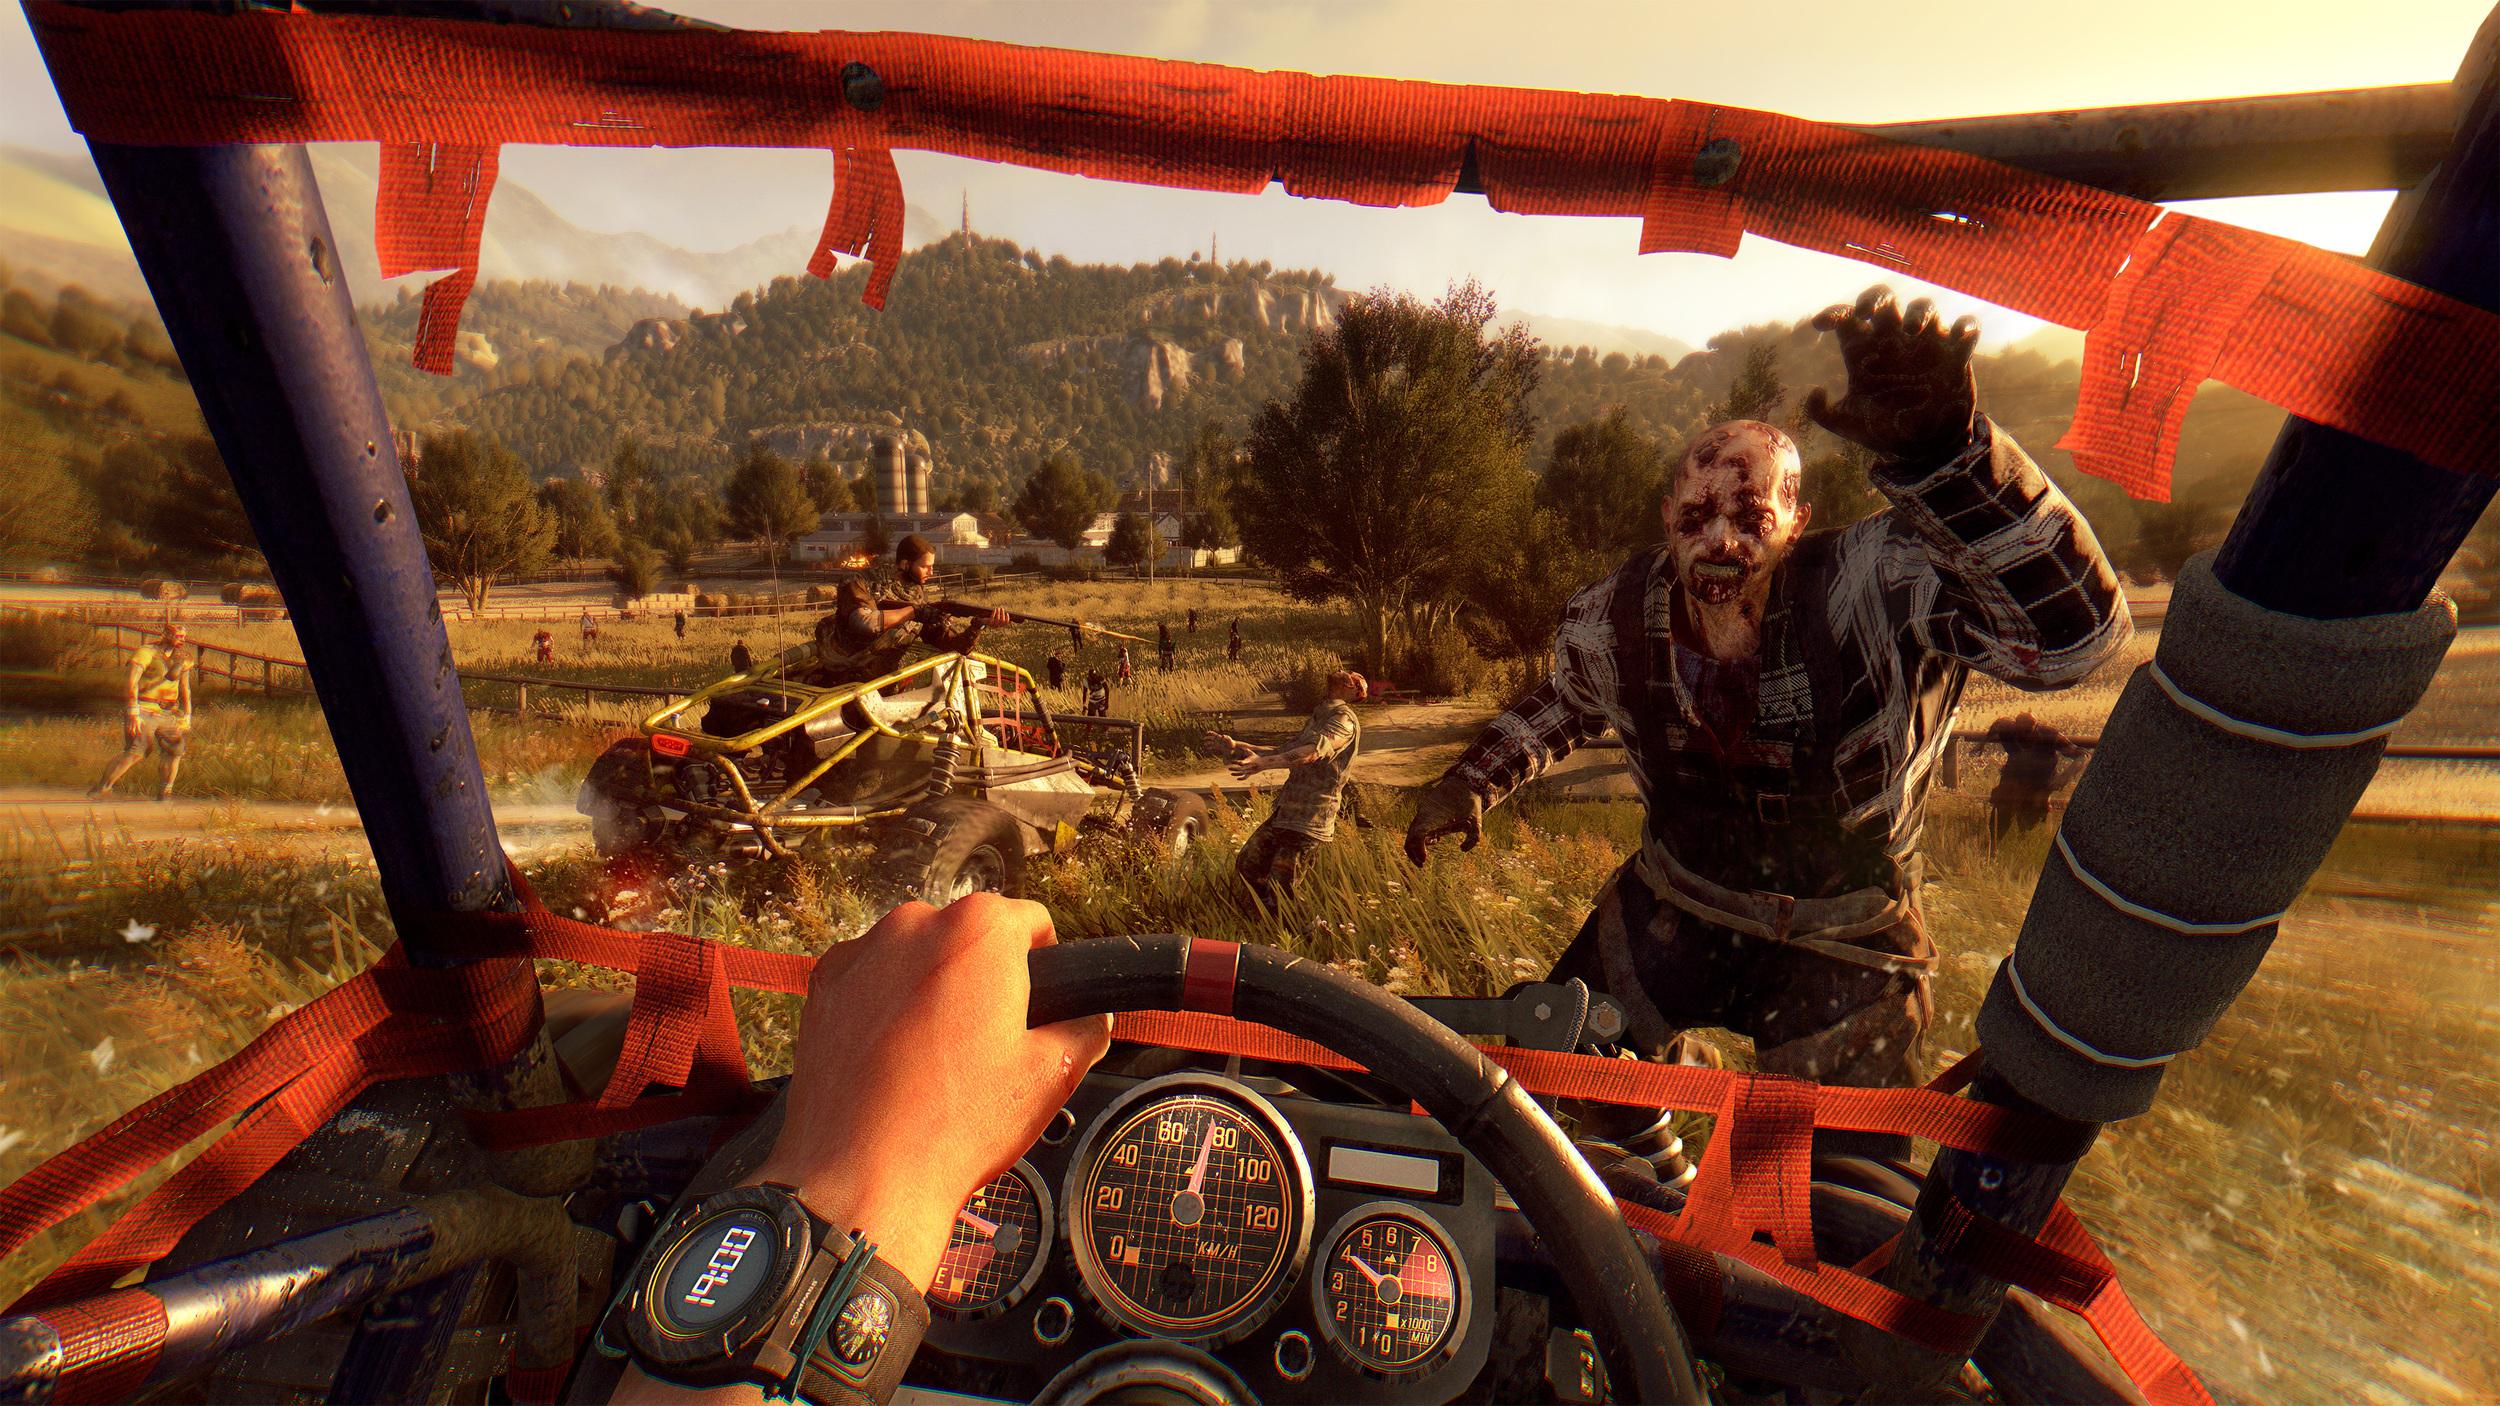 Buggy_Driving_FPP.jpg